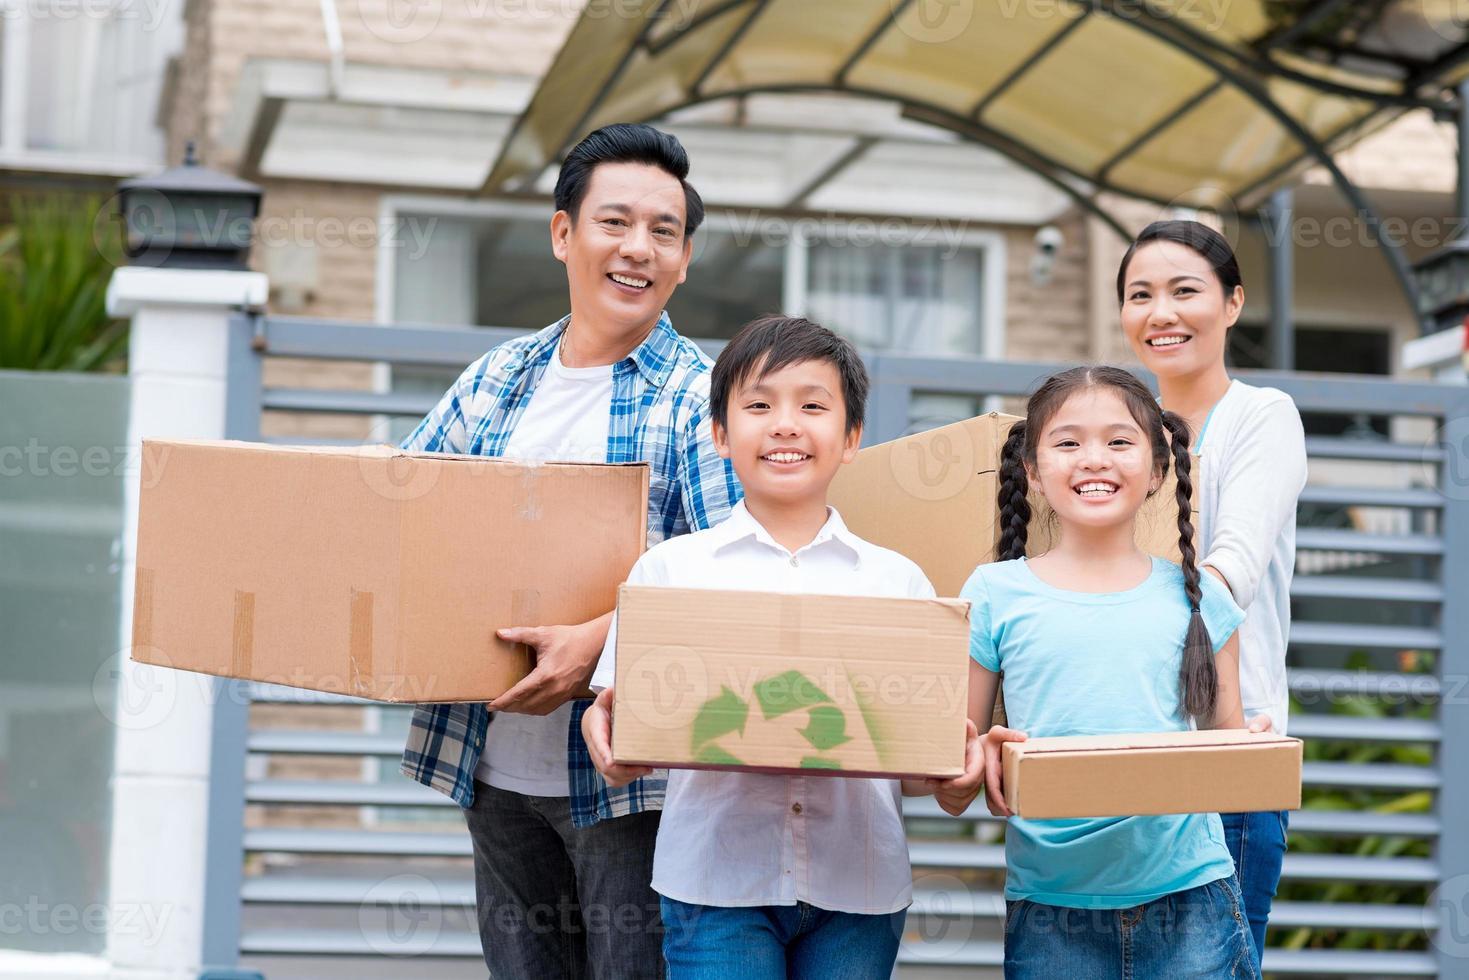 familia con cajas de cartón foto